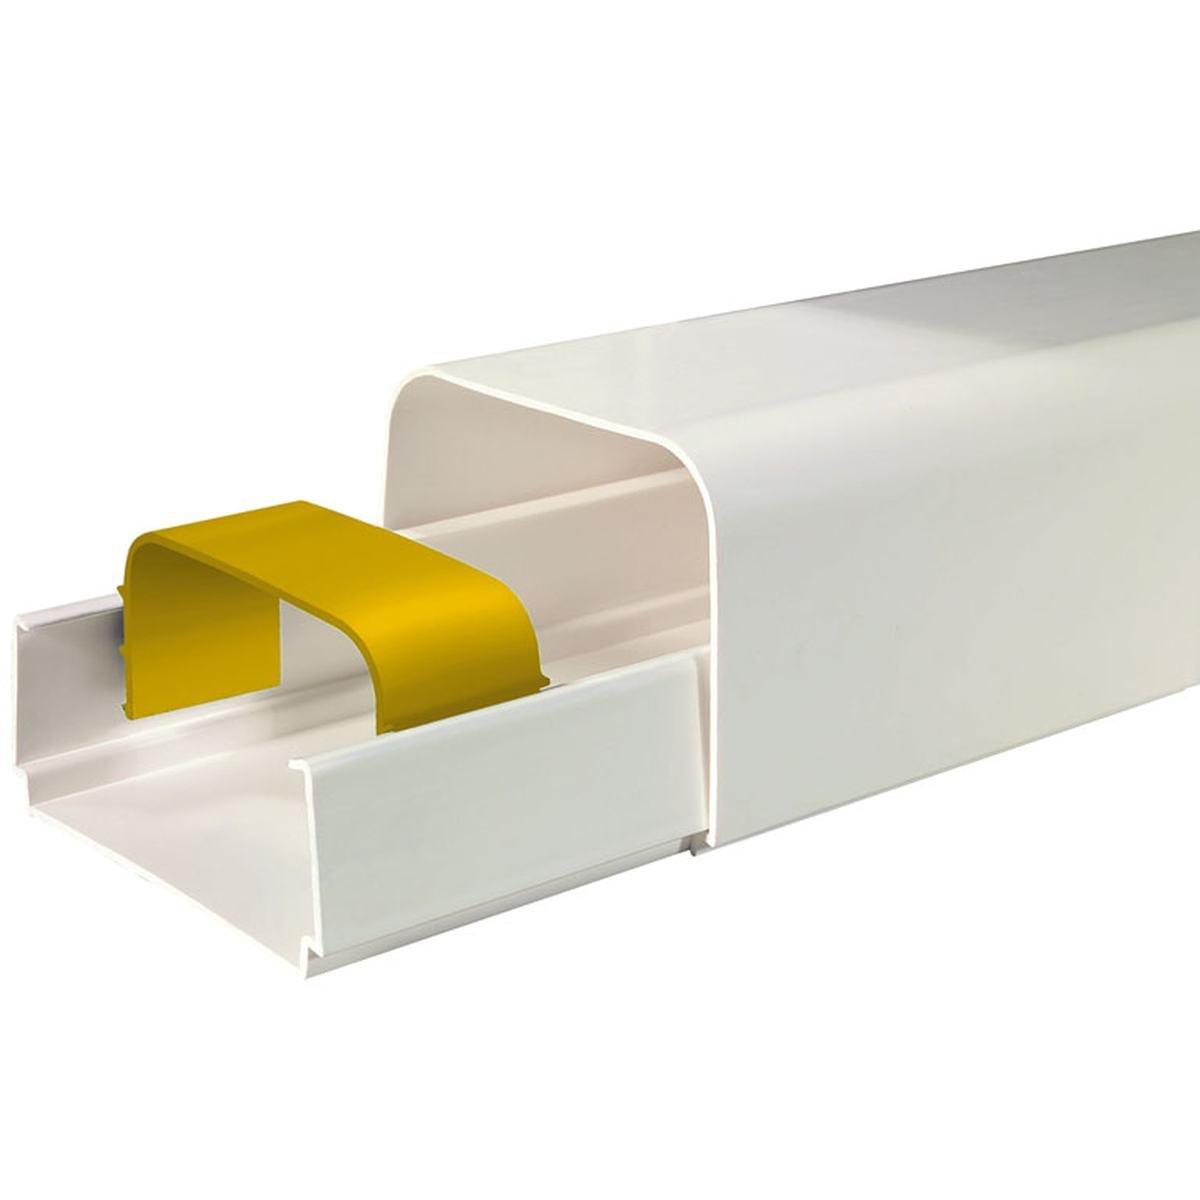 Kanallåda 80 x 60 mm med lock och skydd 1 st.